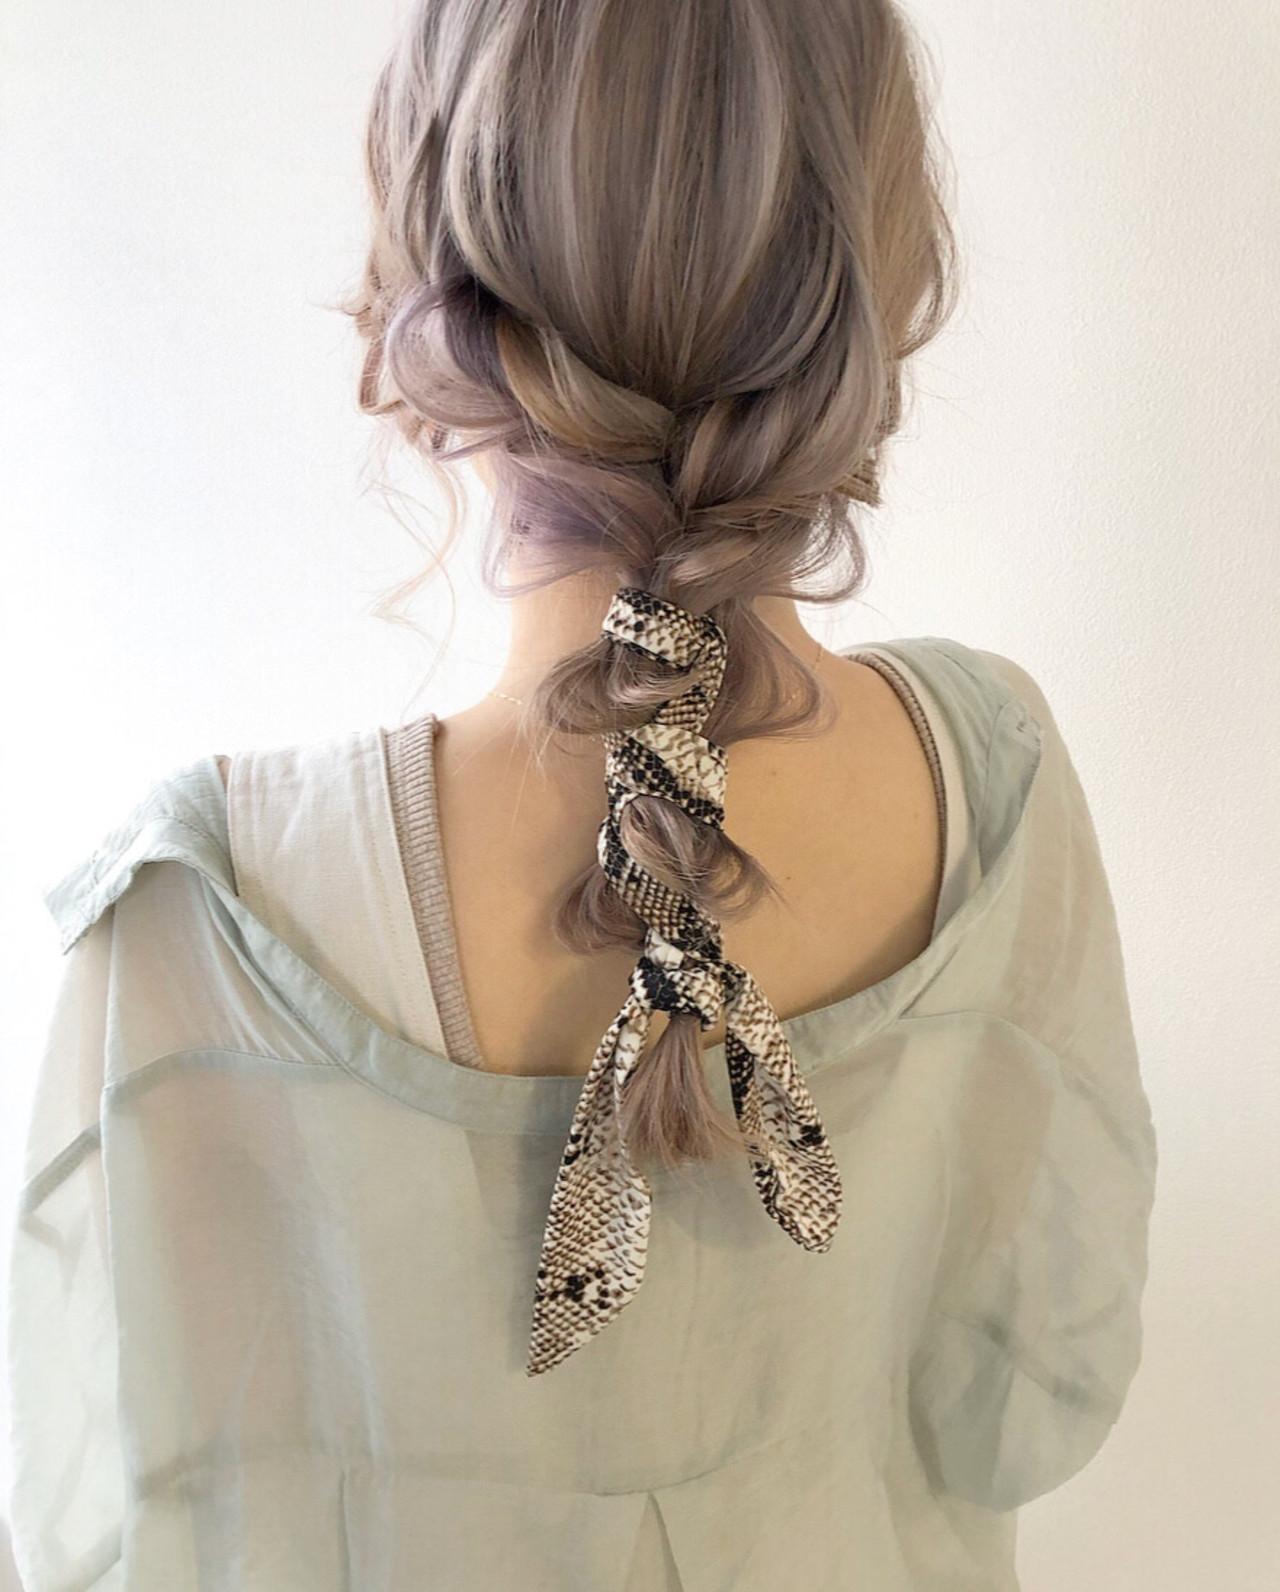 大人可愛い ナチュラル 編みおろし スカーフアレンジ ヘアスタイルや髪型の写真・画像